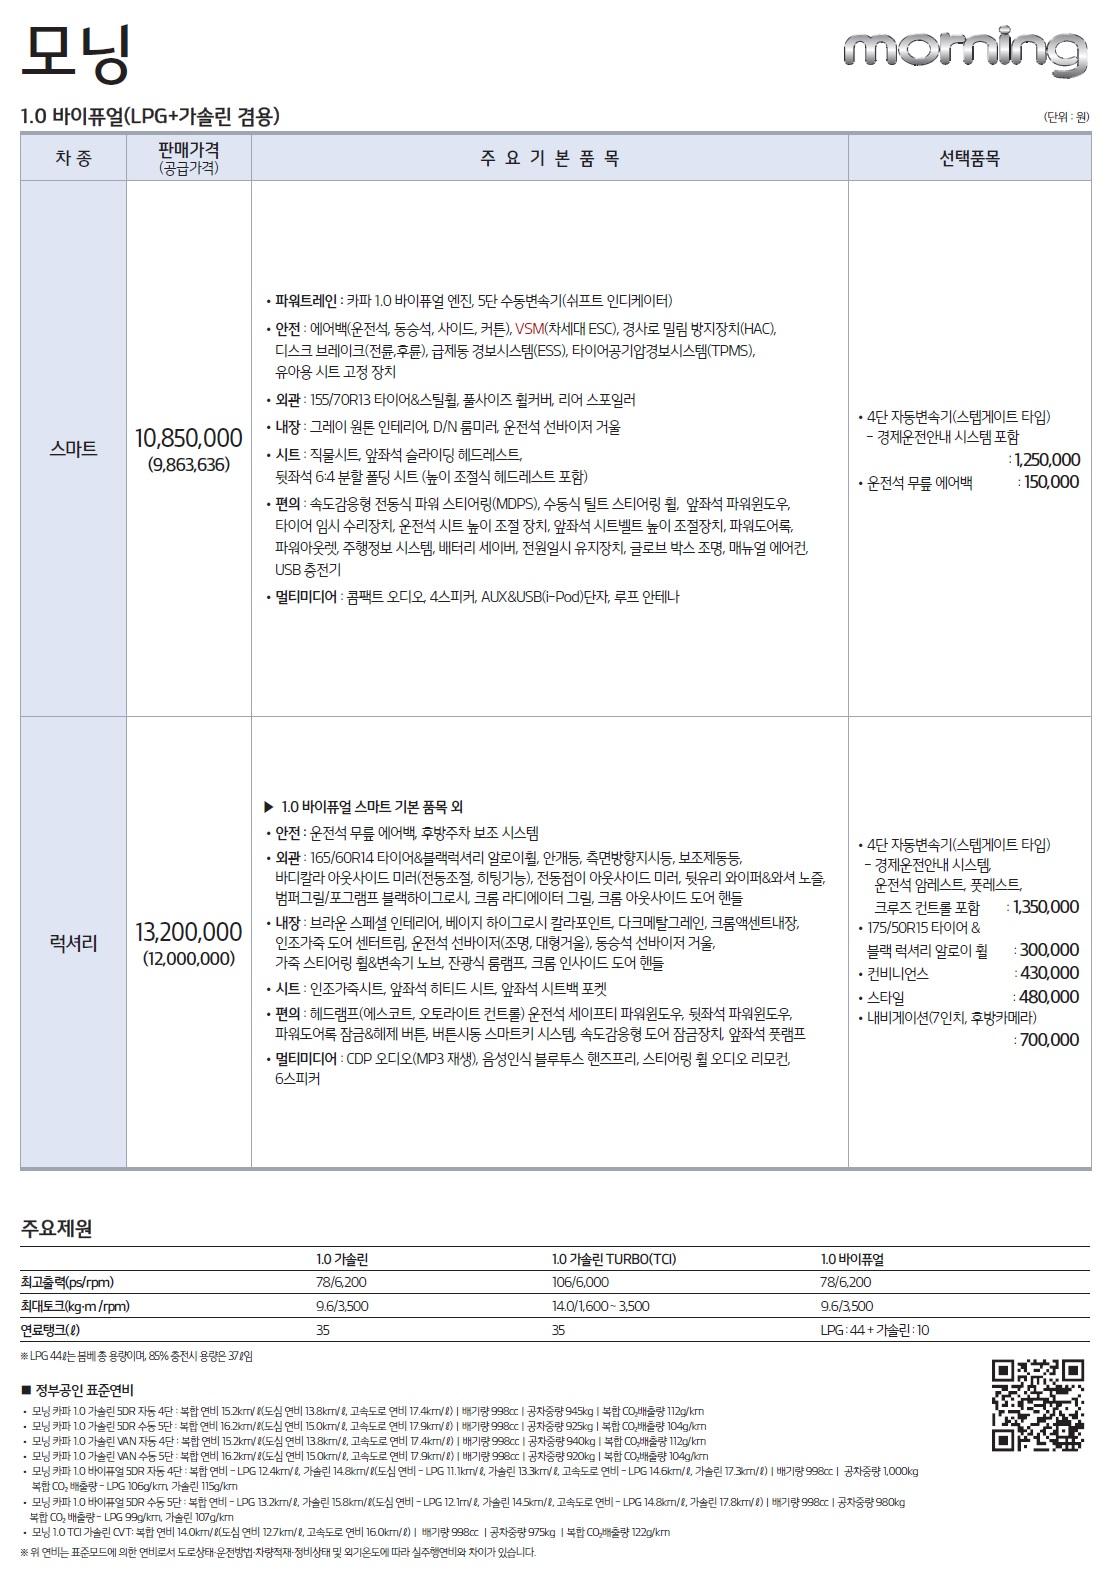 더뉴 모닝 가격표 - 2016년 06월 -3.jpg